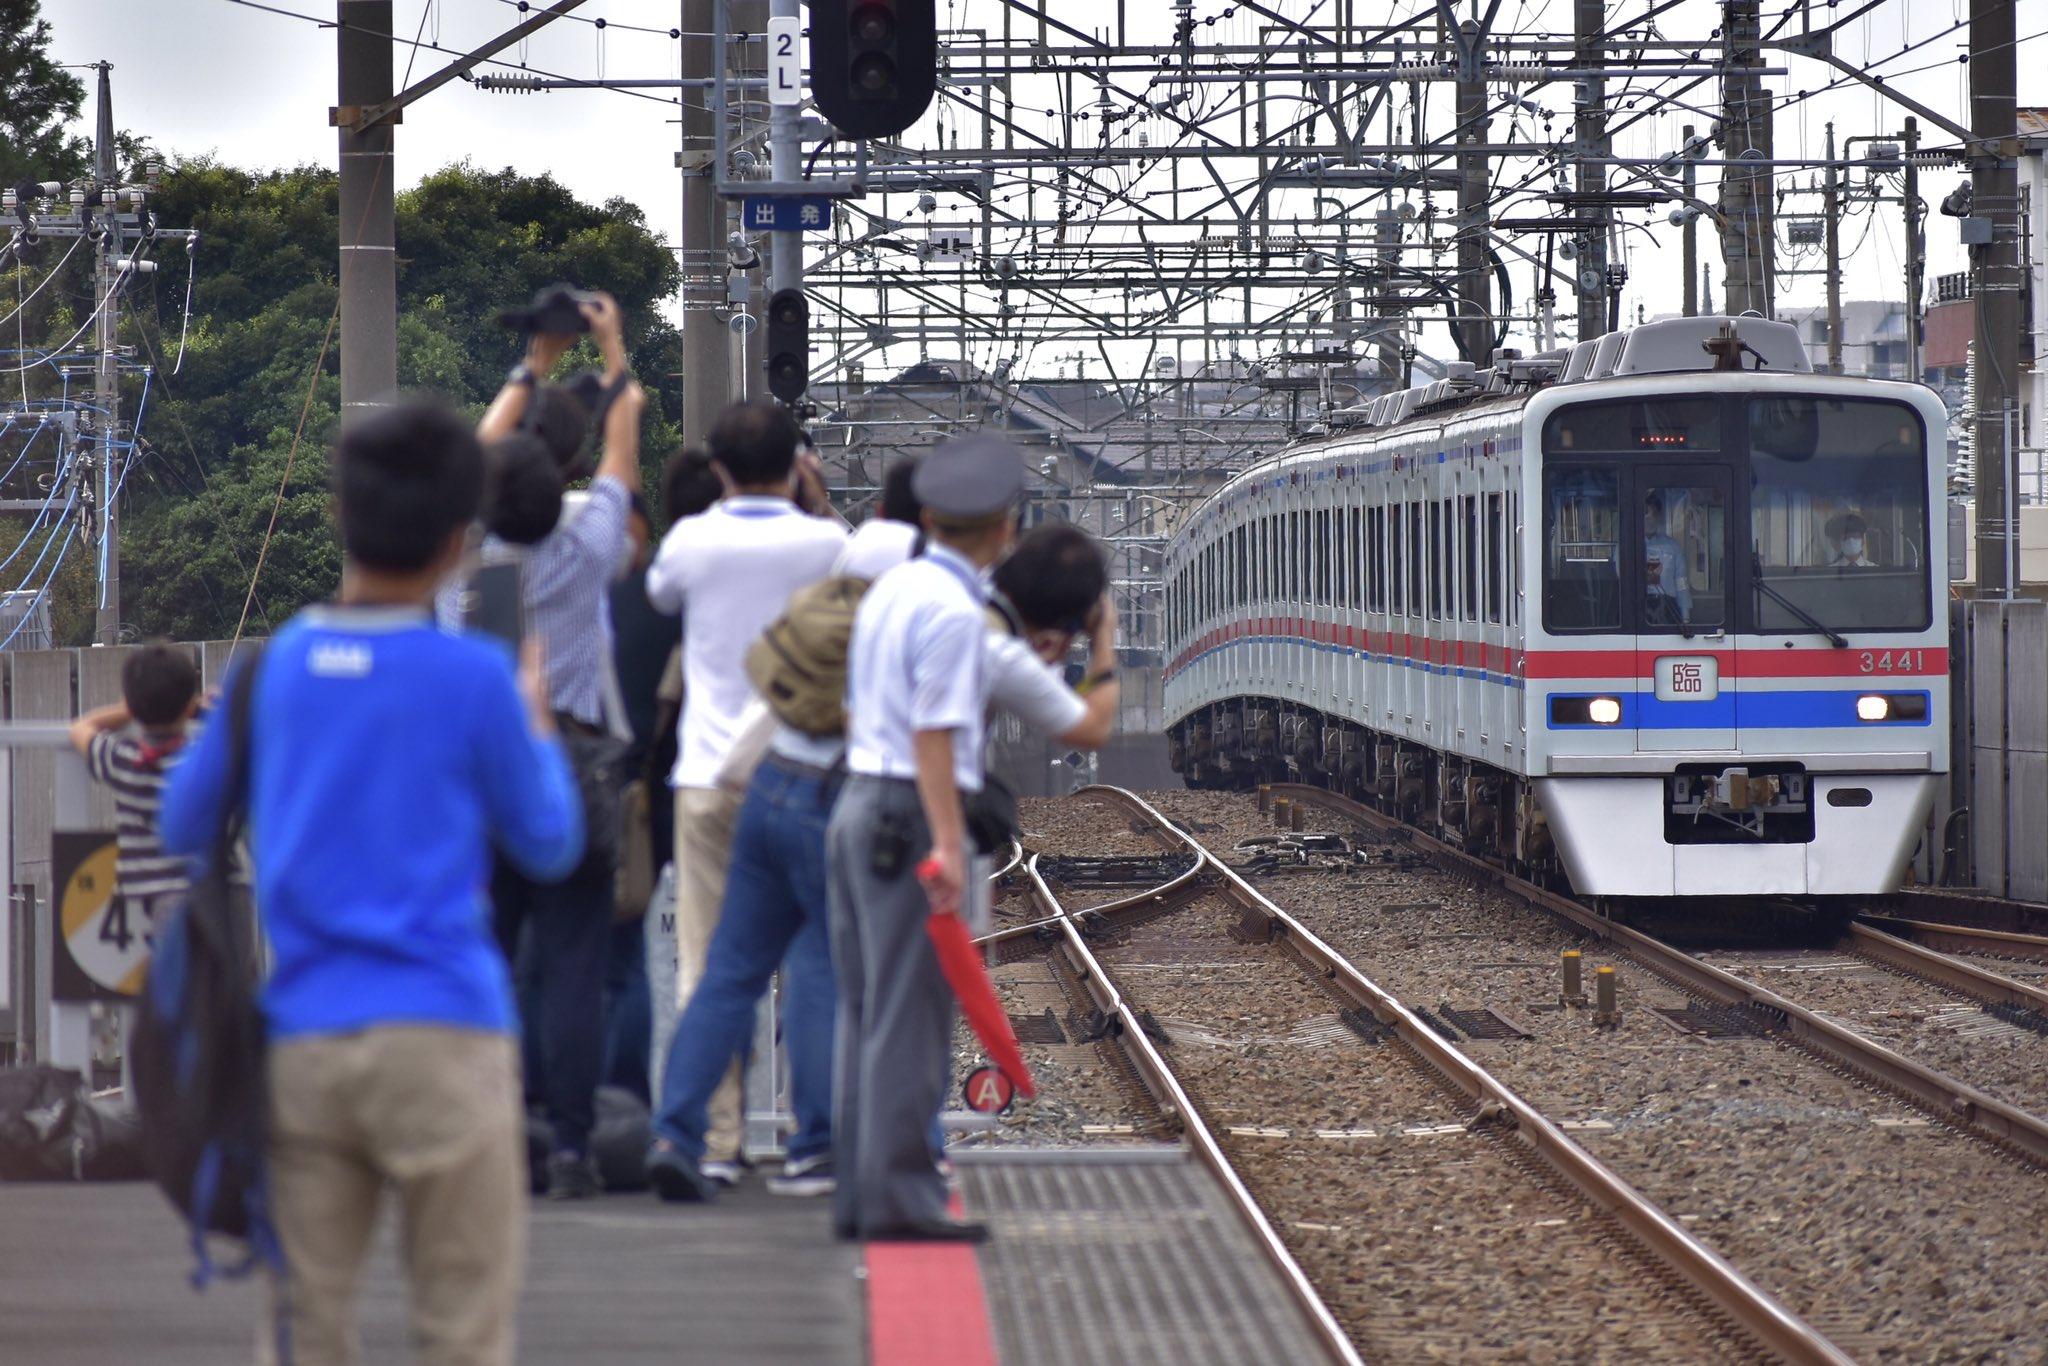 「3400形スカイアクセス線疾走ツアー」 普段は走らない路線を団体臨時列車として走行